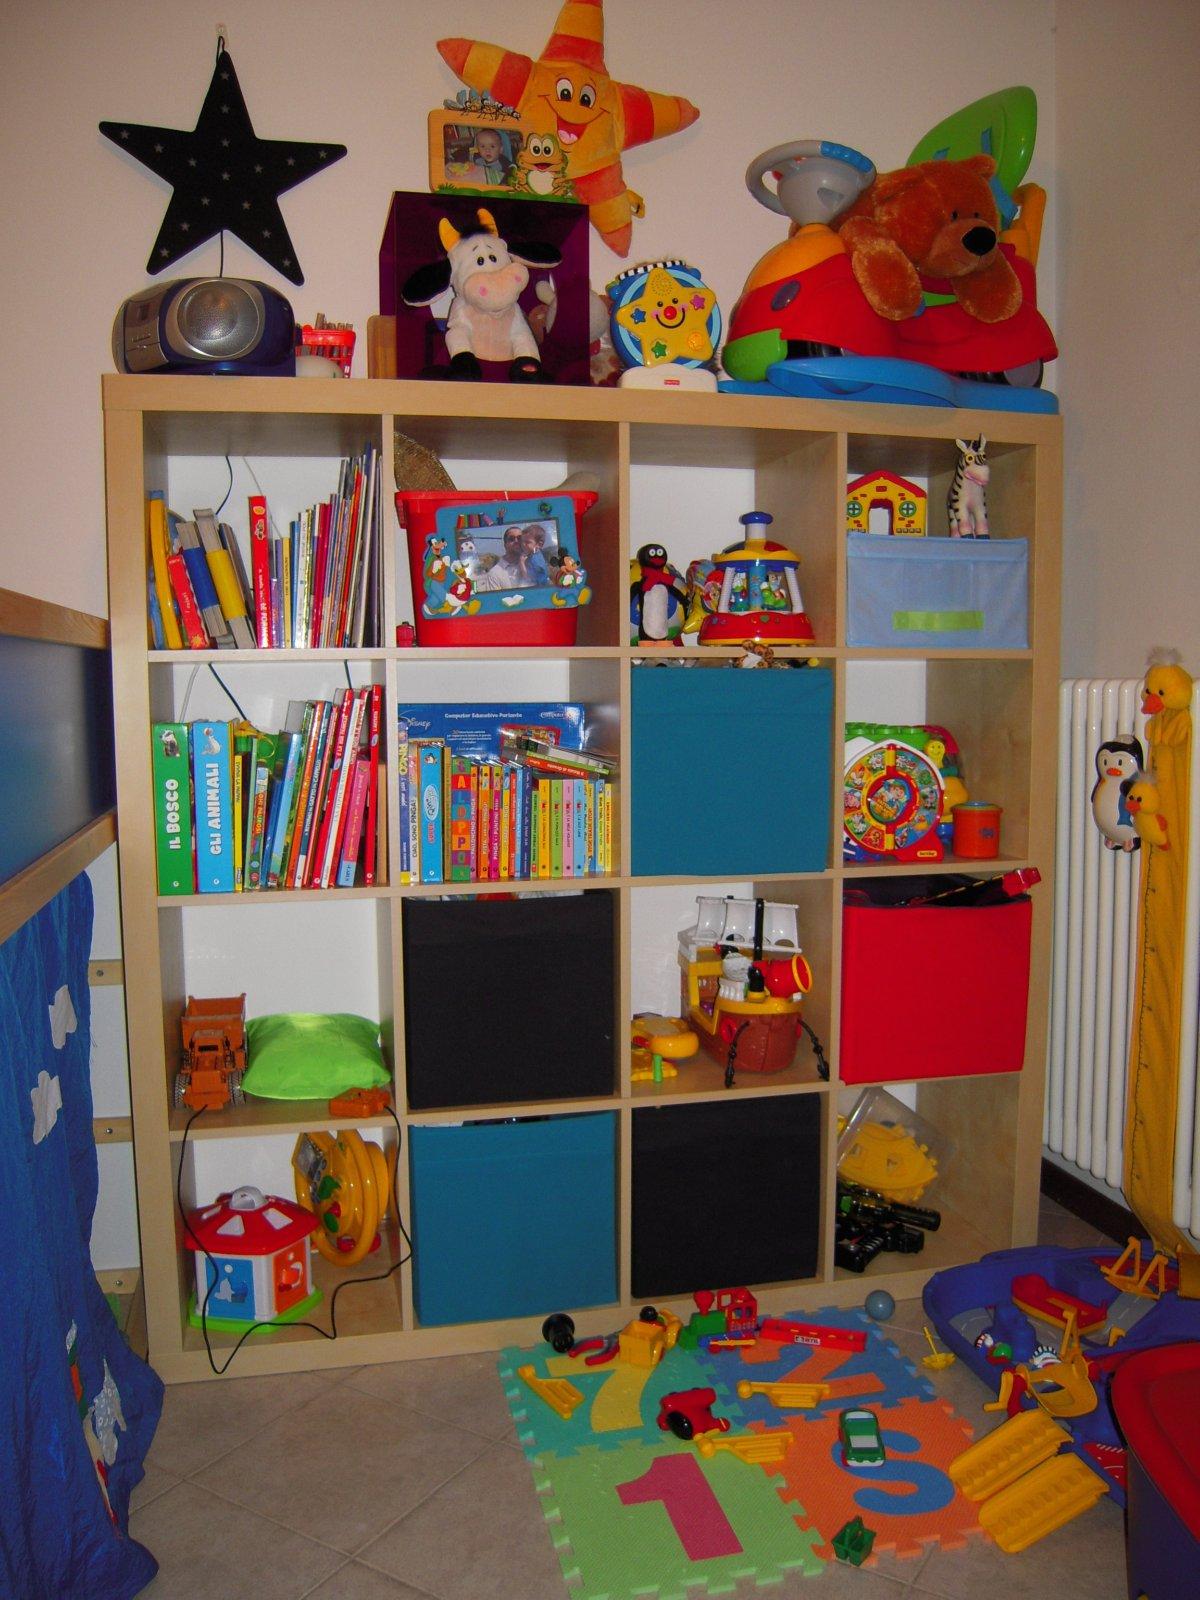 Mamma claudia e le avventure del topastro la tana del topastro - Ikea mobili camera bambini ...